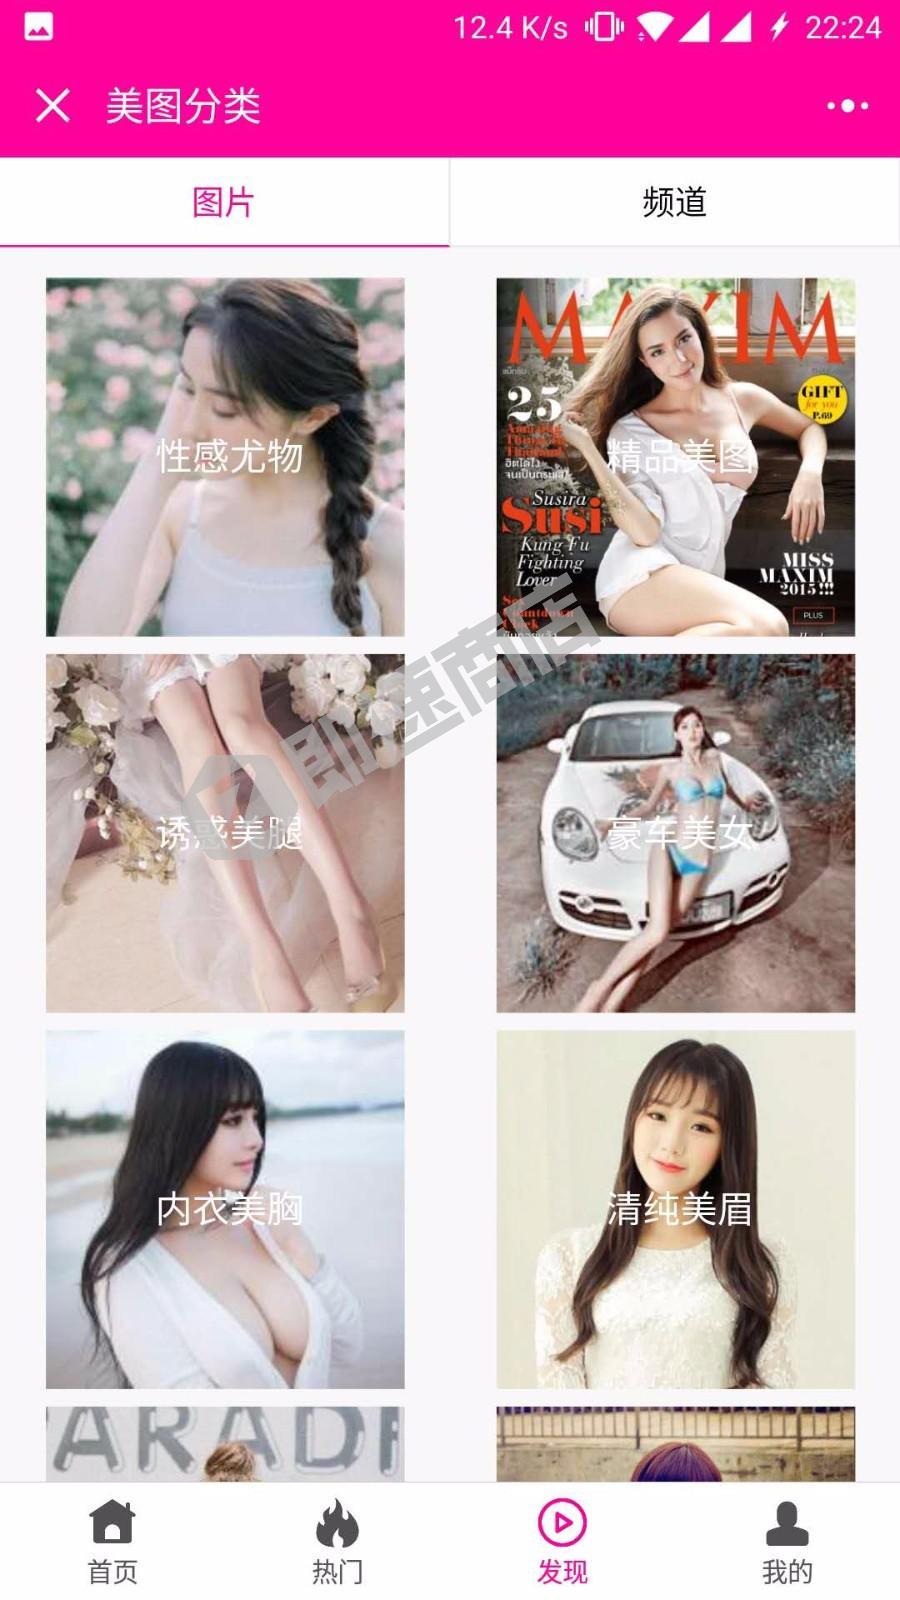 网红美女志小程序详情页截图